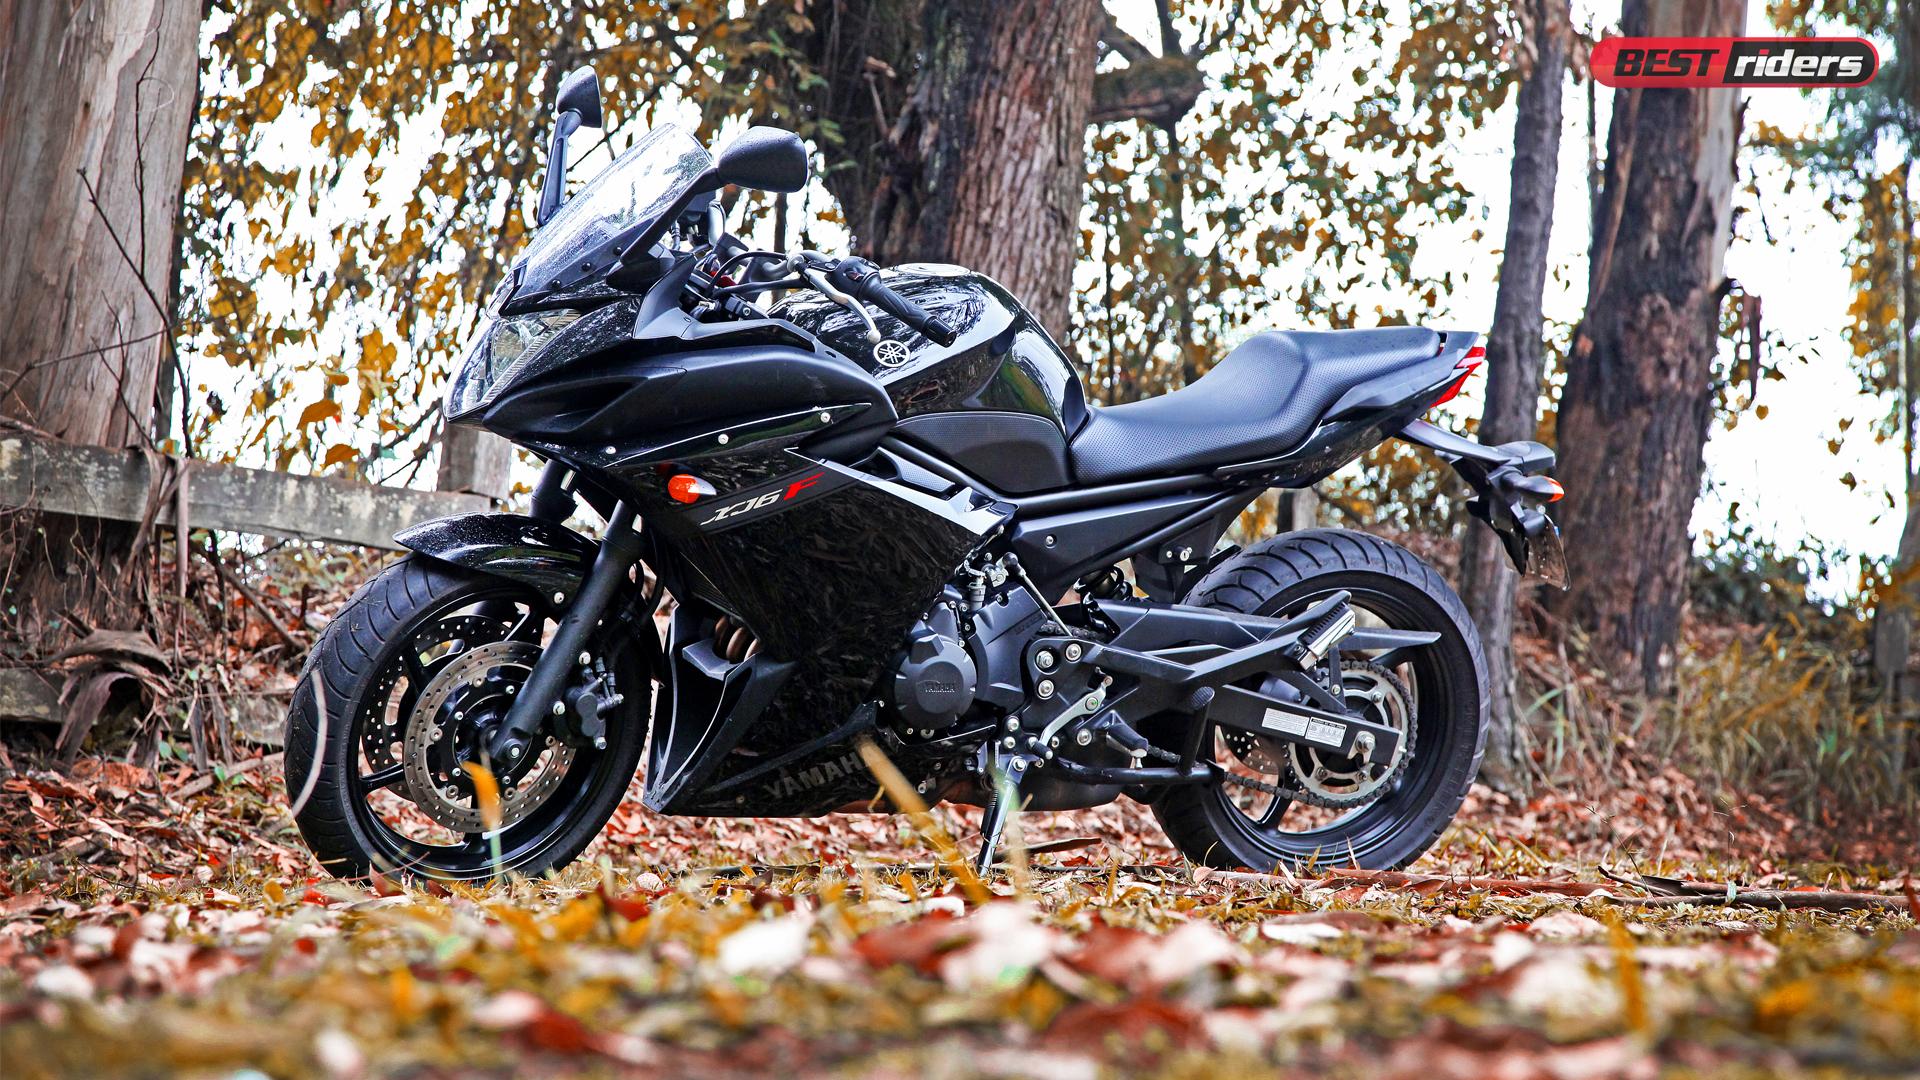 Notícias Sobre Motos